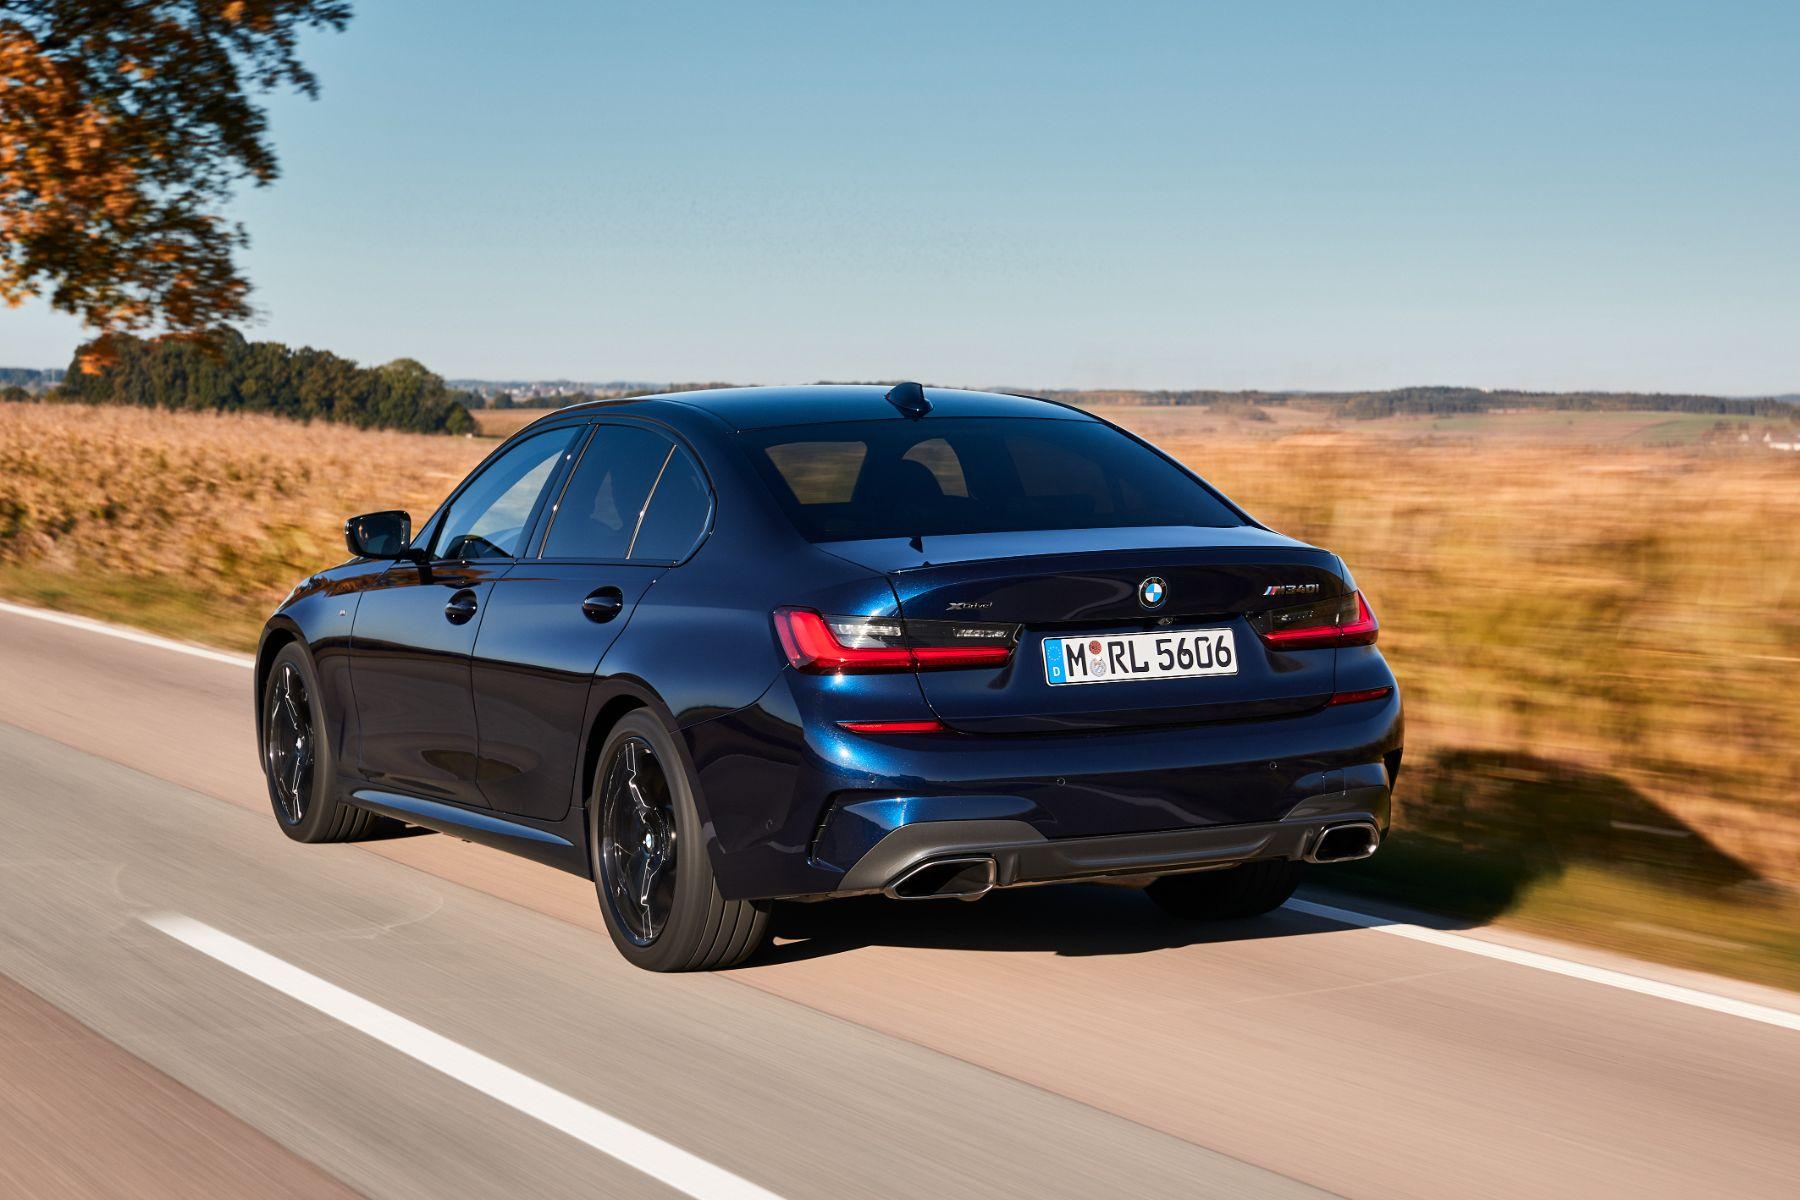 bmw m340i xdrive azul escuro traseira em movimento rodovia